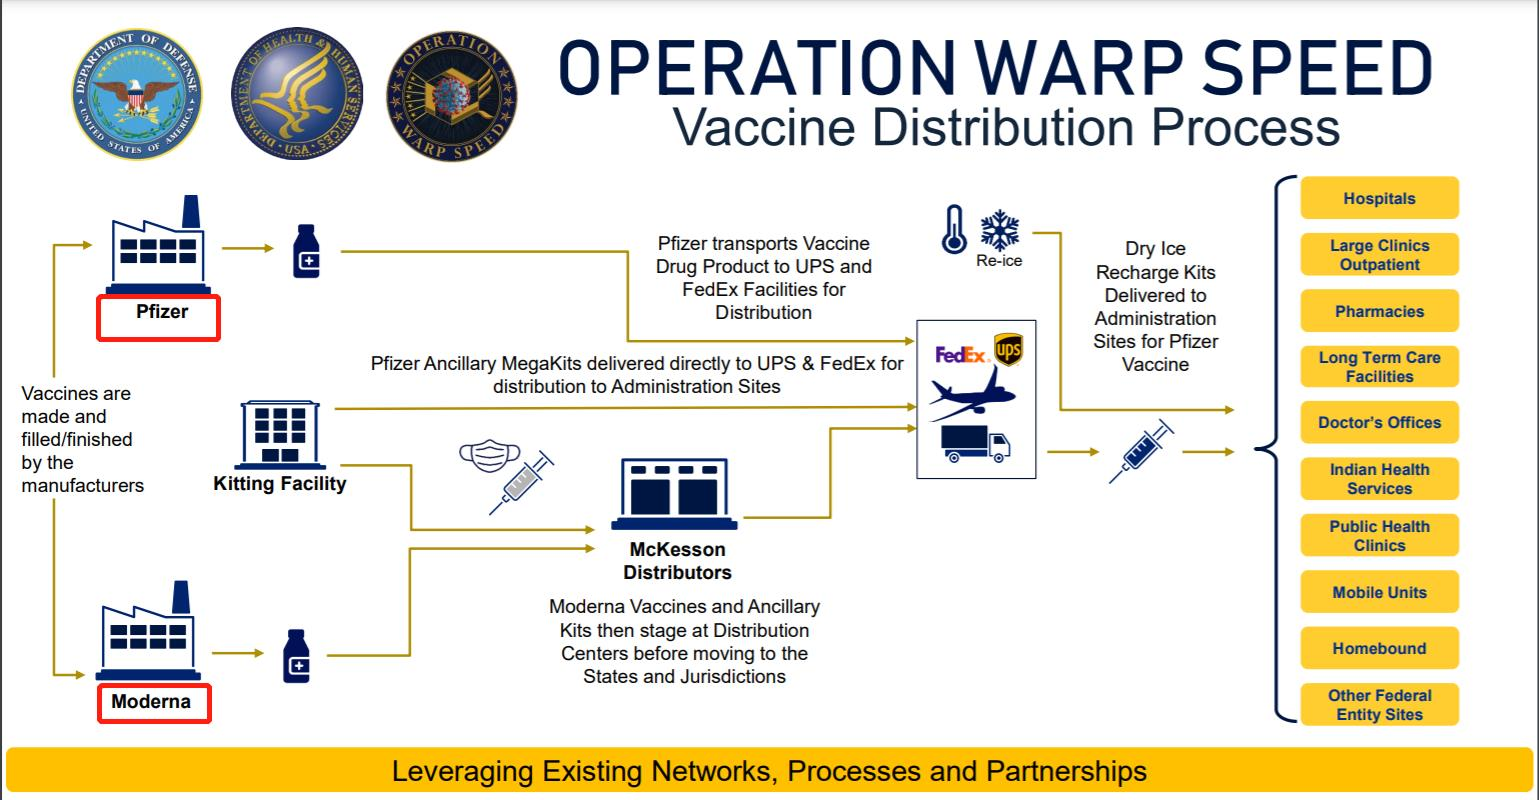 辉瑞和莫德纳新冠疫苗分发流程 来源:美国HHS官网